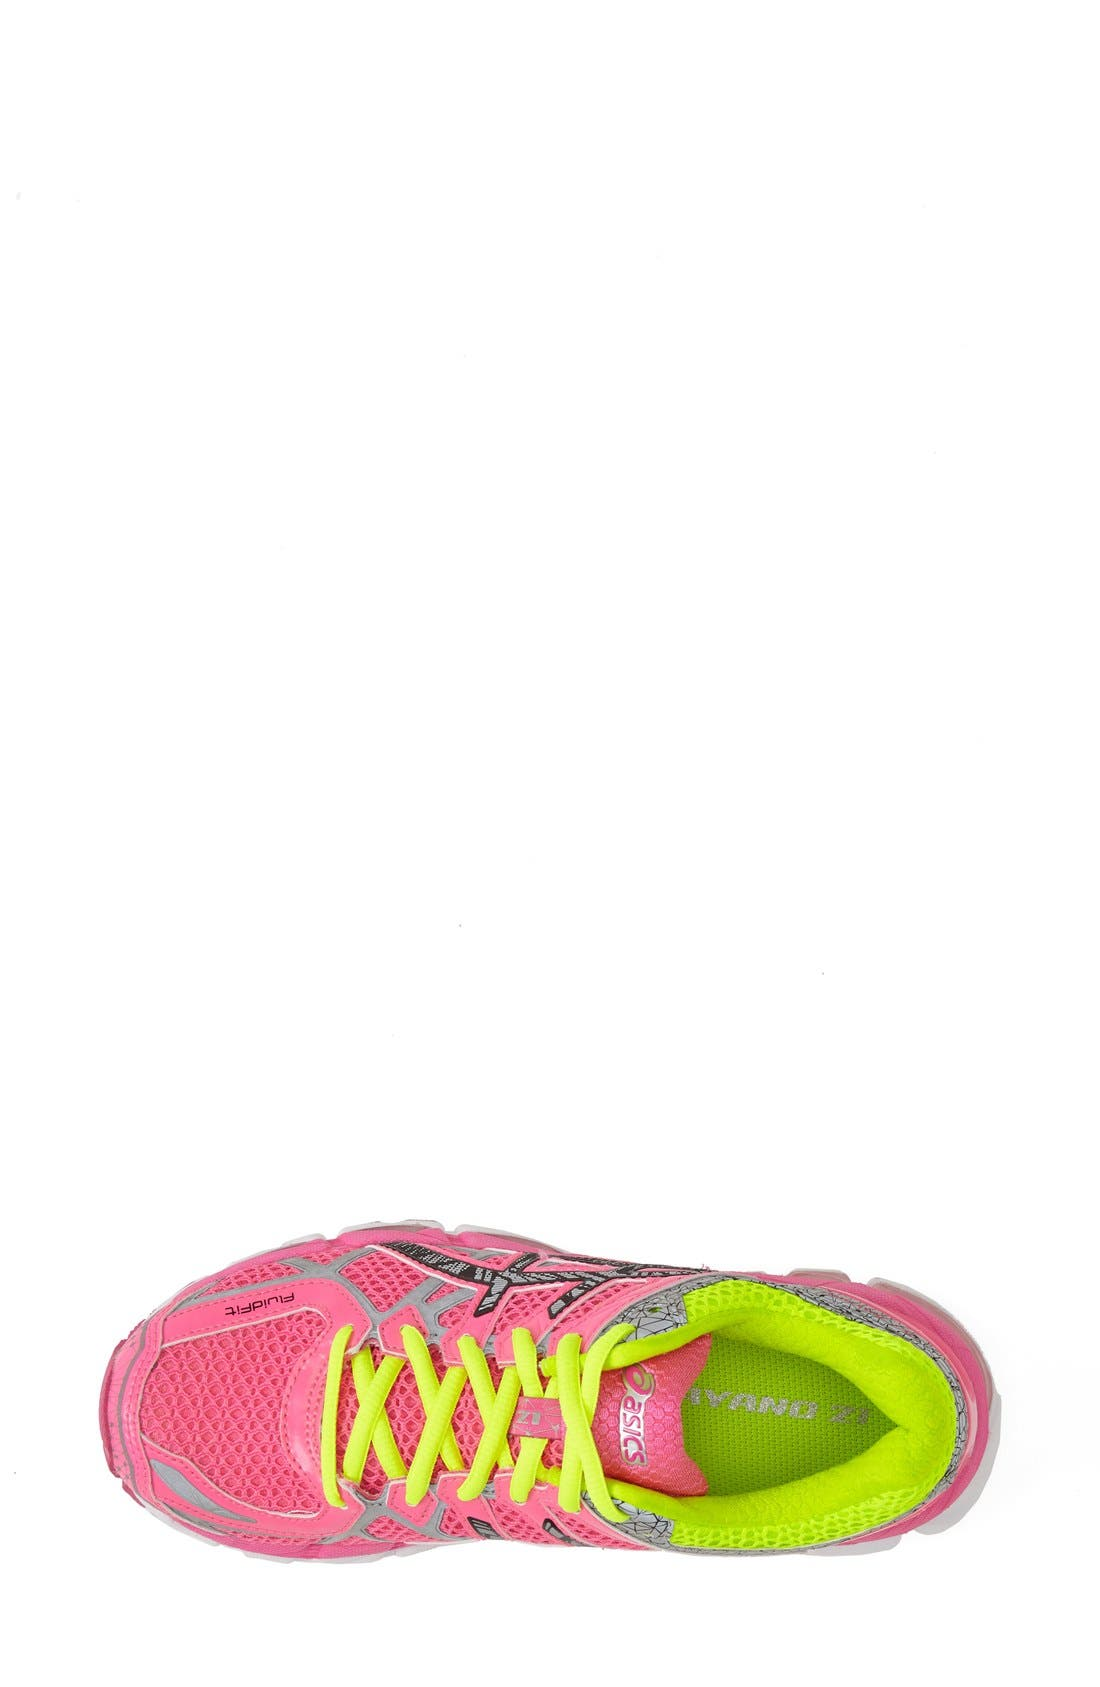 Alternate Image 3  - ASICS 'GEL-Kayano® 21' Running Shoe (Women)